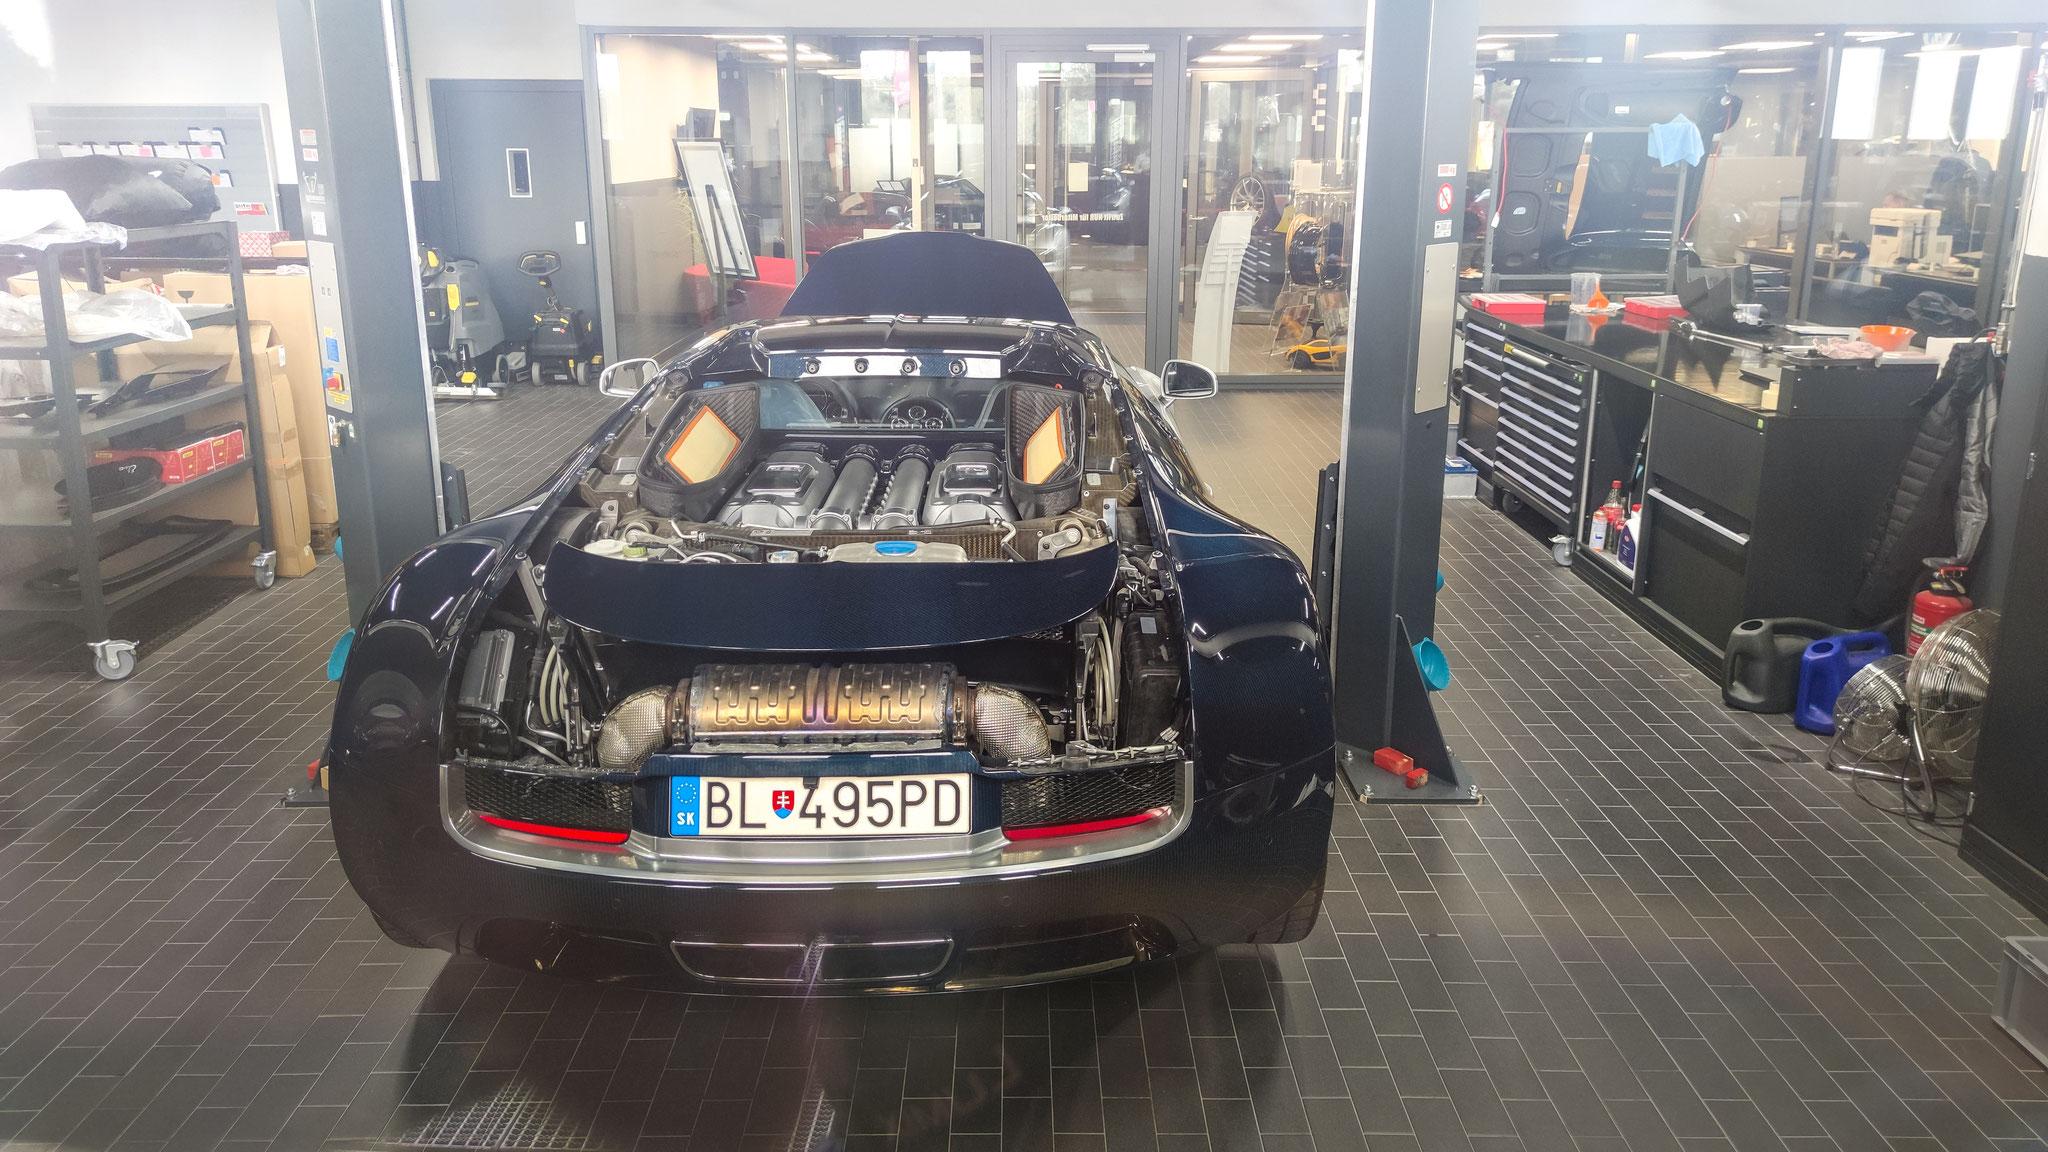 Bugatti Veyron Super Sport - BL-495PD (SK)